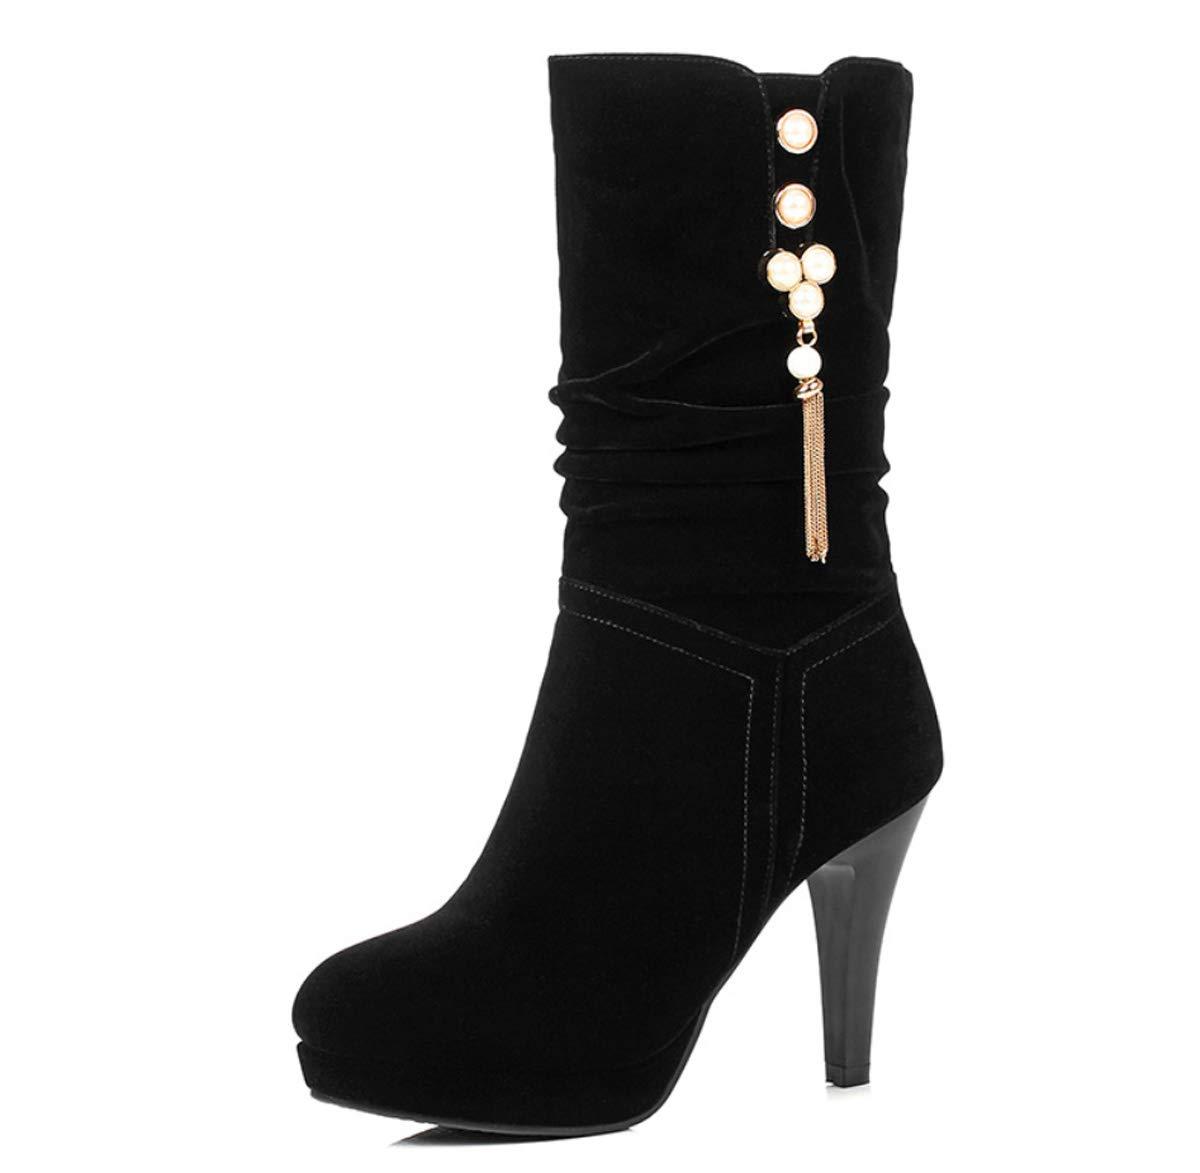 DANDANJIE Damenstiefel High Heel Mid Calf Stiefel Stiefel Stiefel Winter Damen Perle Stiletto Absatzschuhe Schwarz 00daaf